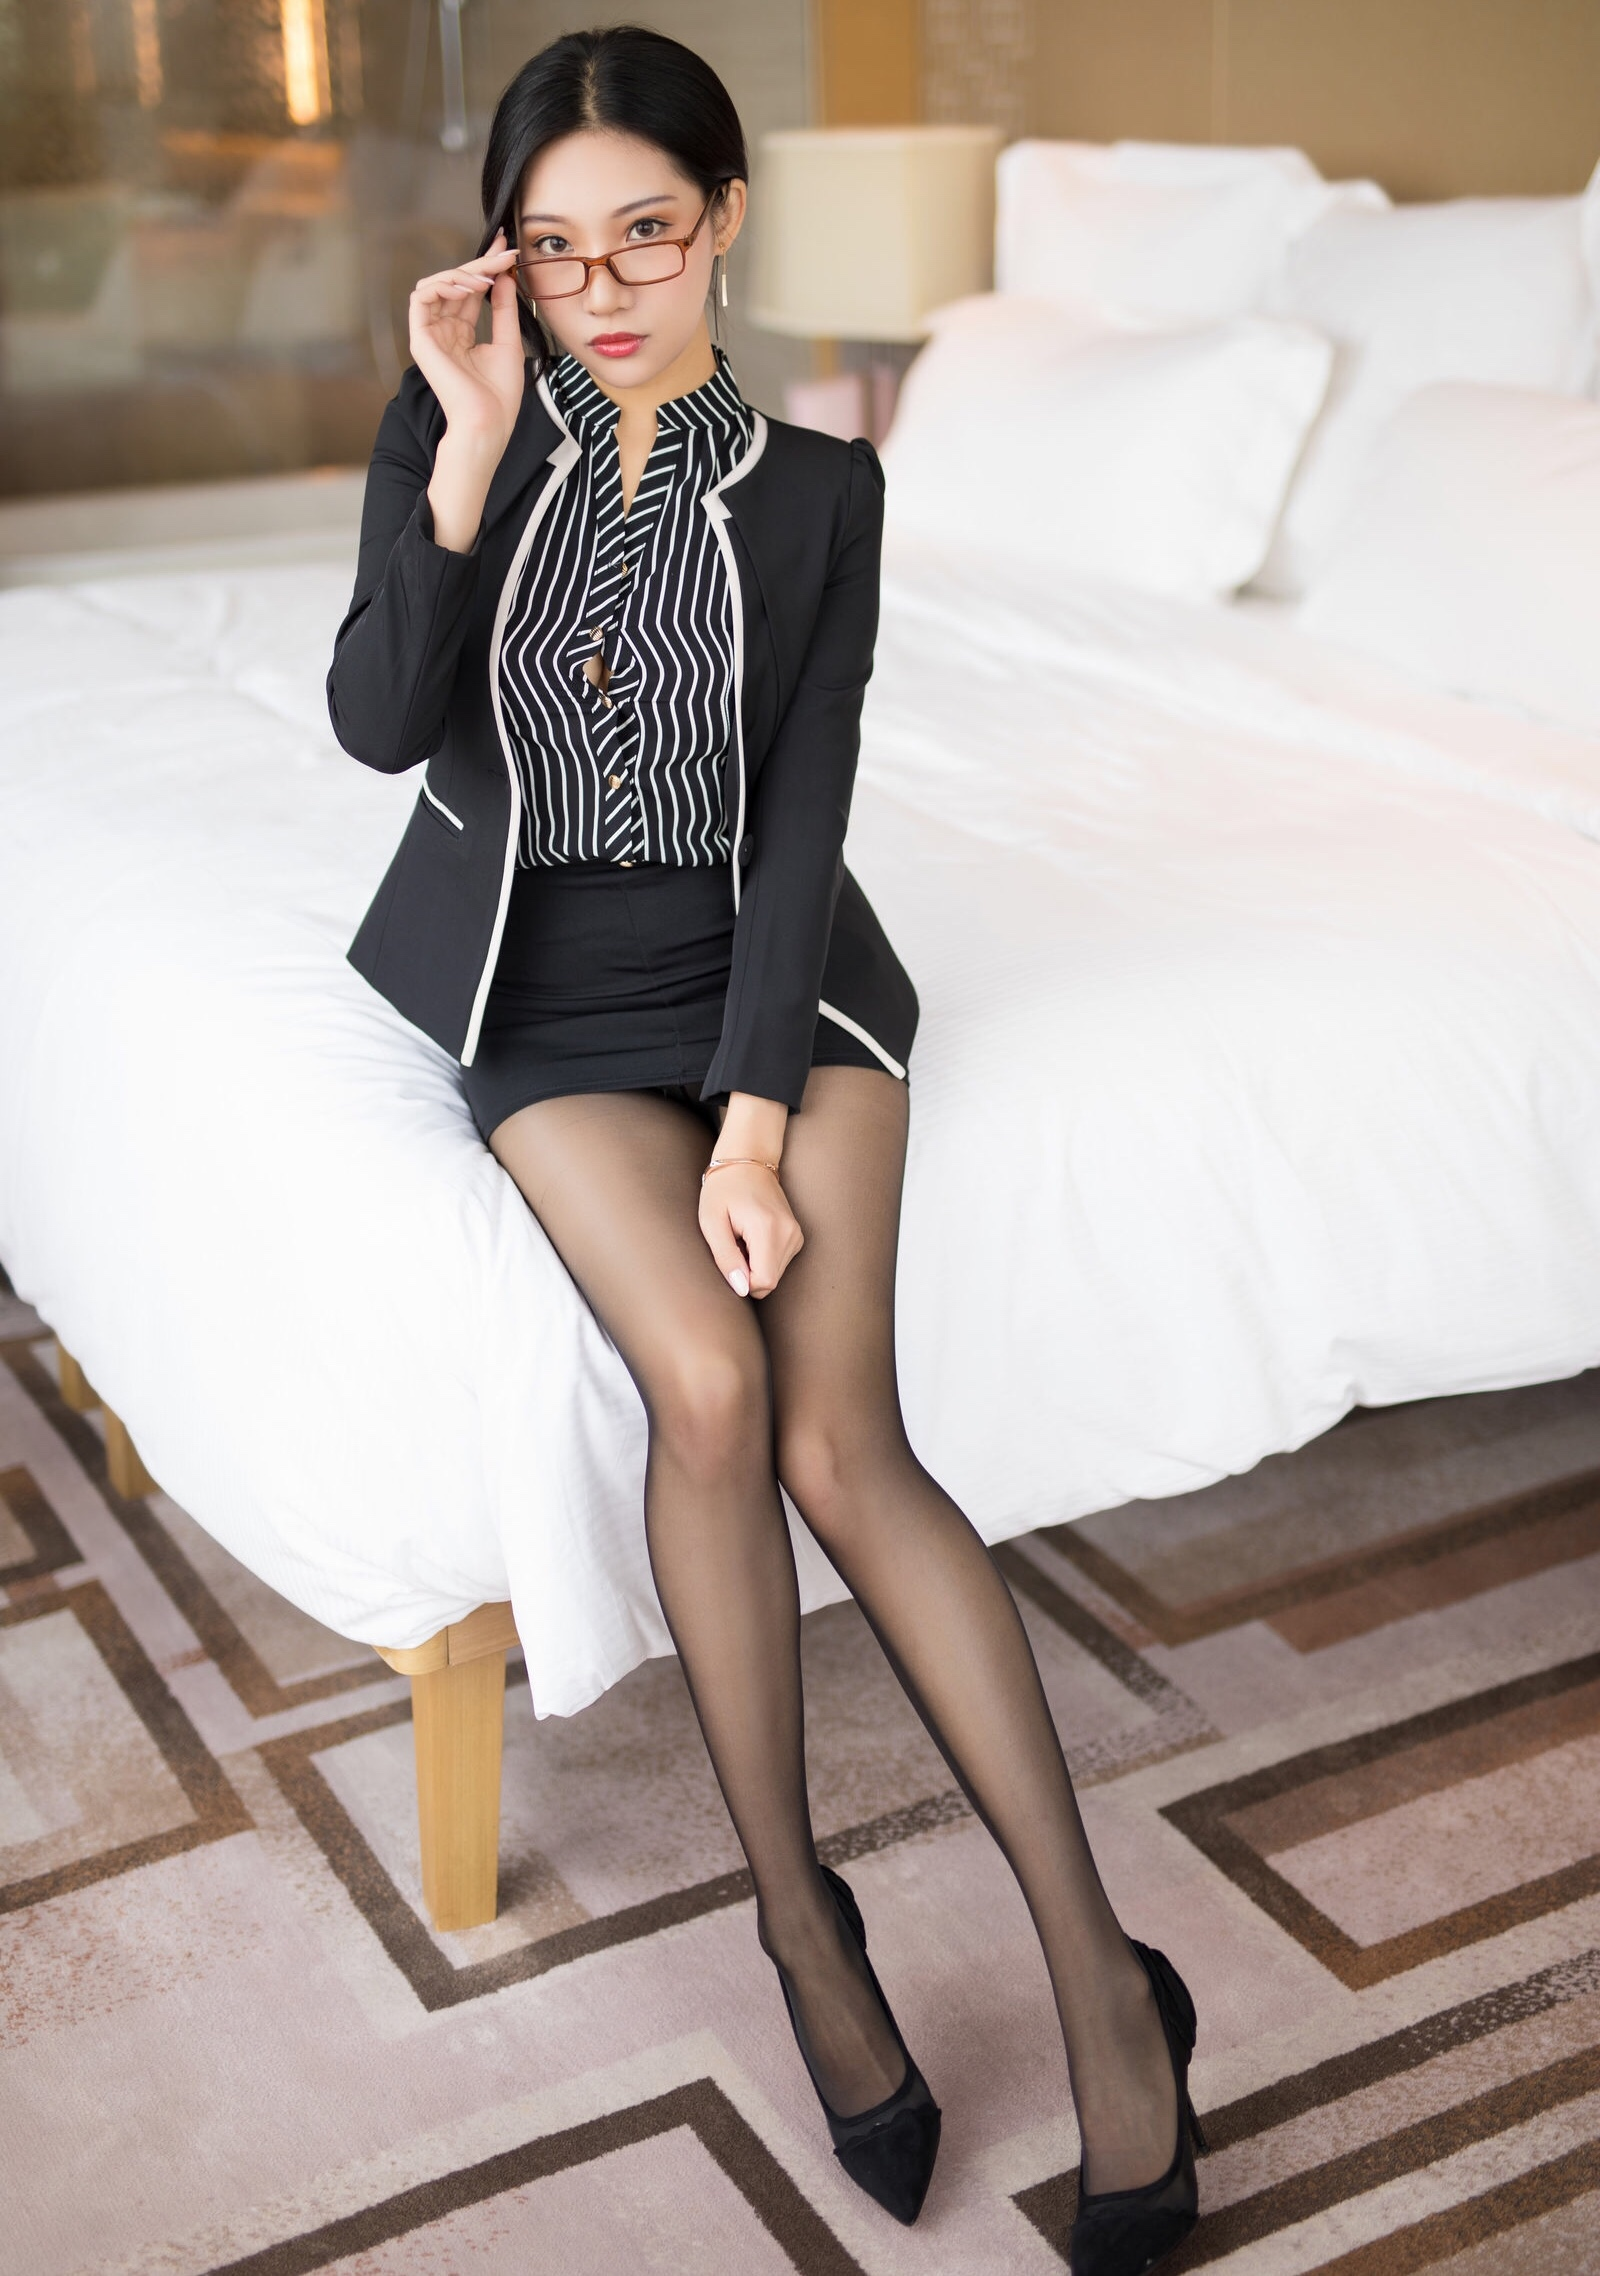 OL美女の黒パンスト足 7